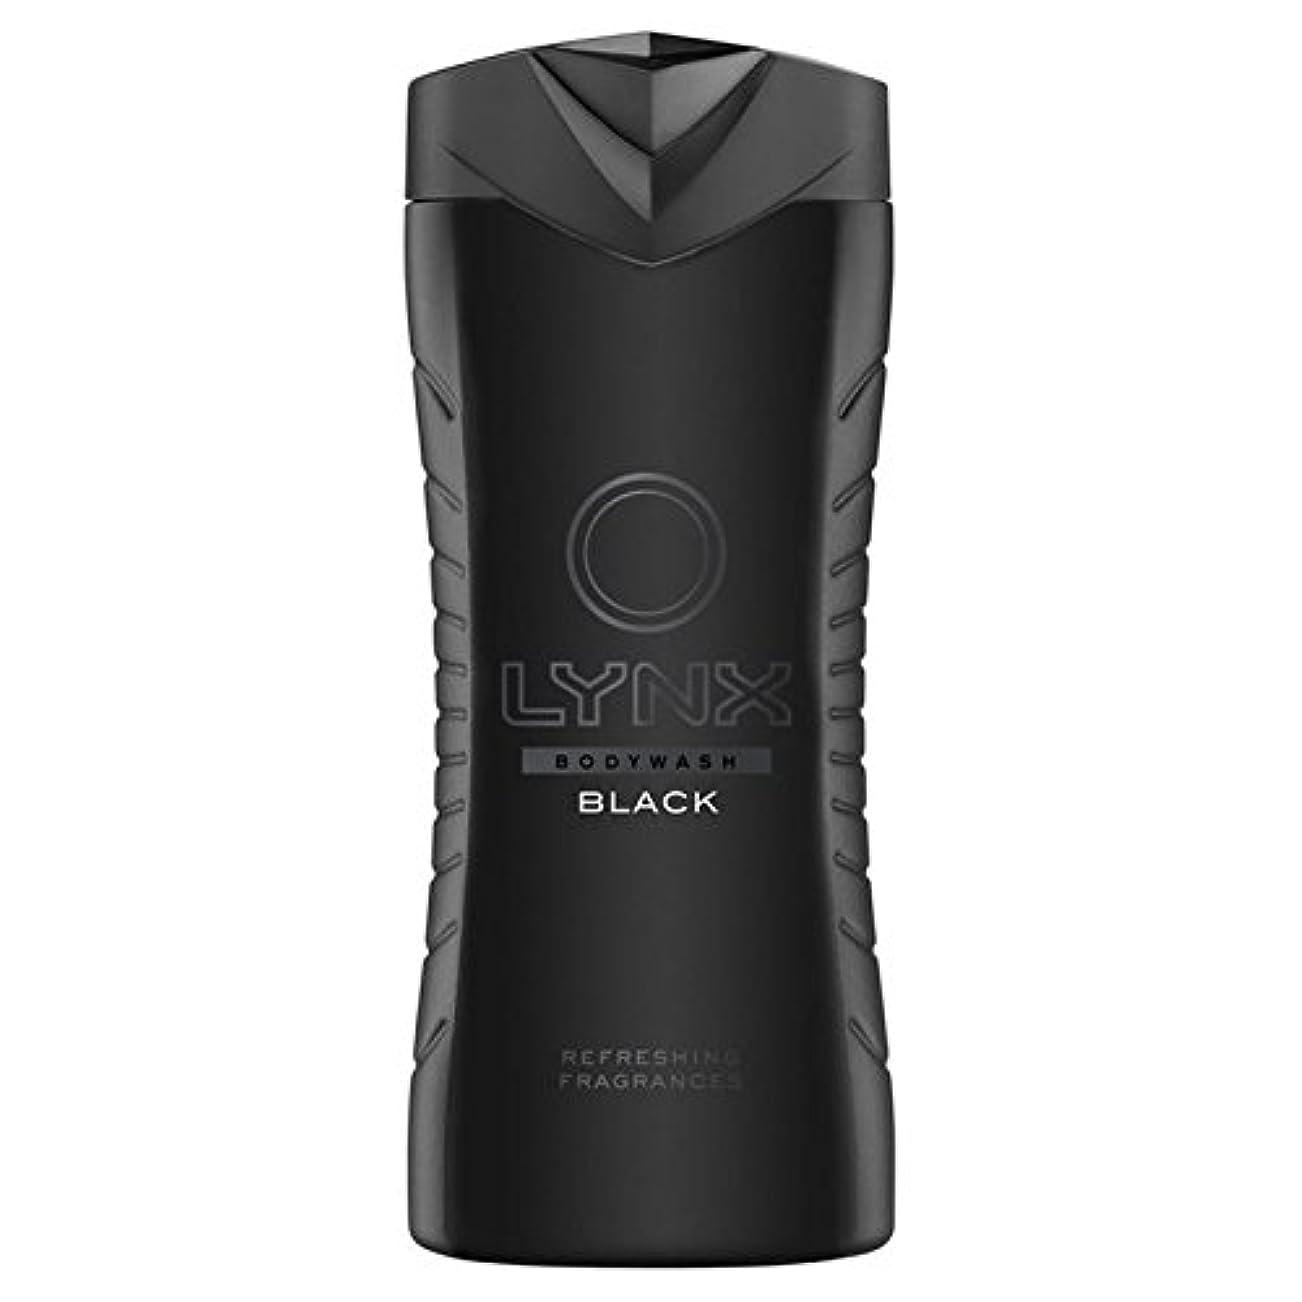 侵略を必要としています光のLynx Black Shower Gel 400ml (Pack of 6) - オオヤマネコブラックシャワージェル400ミリリットル x6 [並行輸入品]